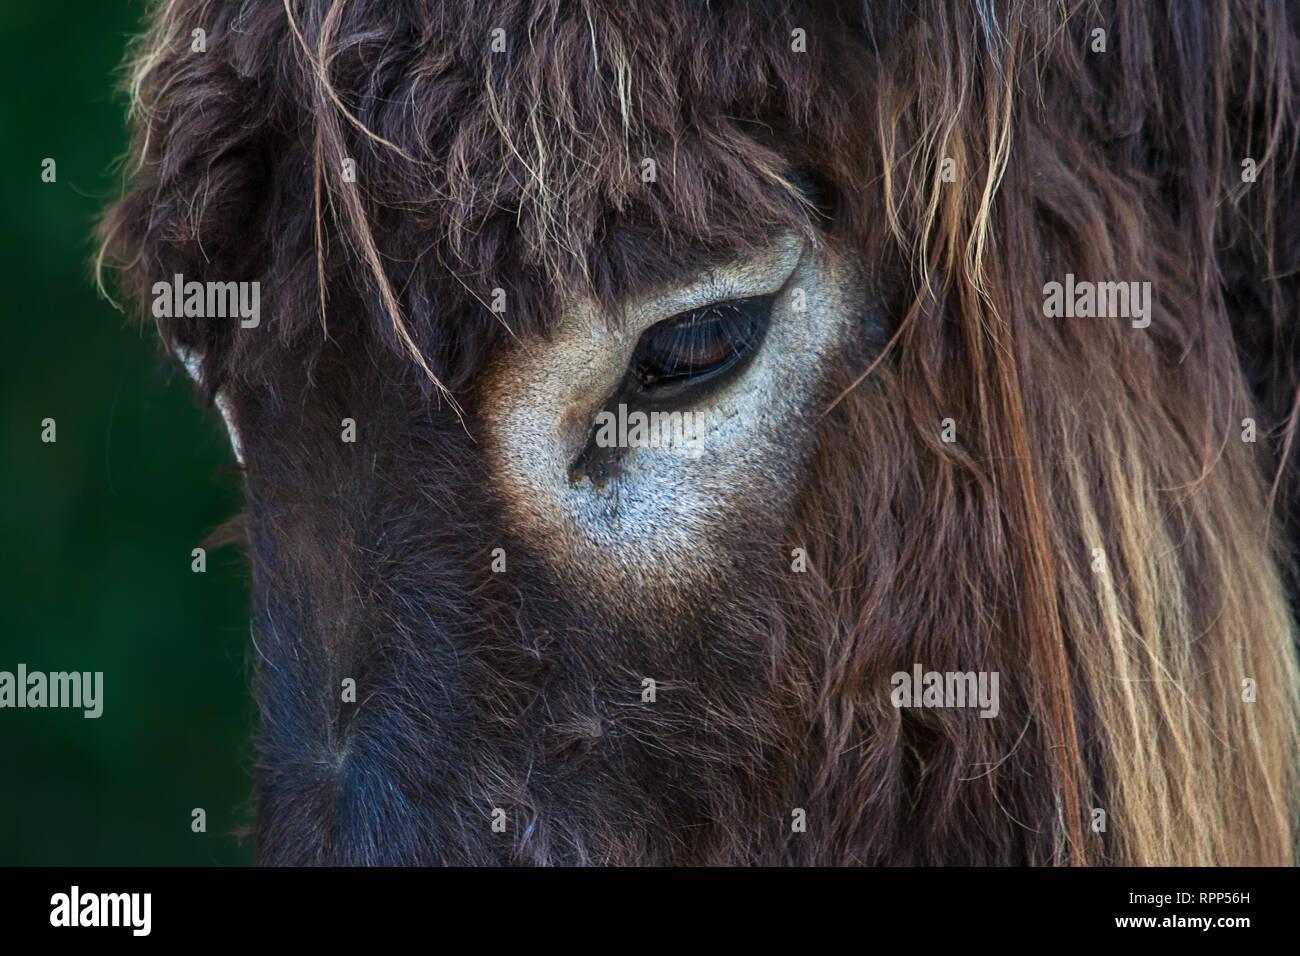 close up donkey's eye - Stock Image